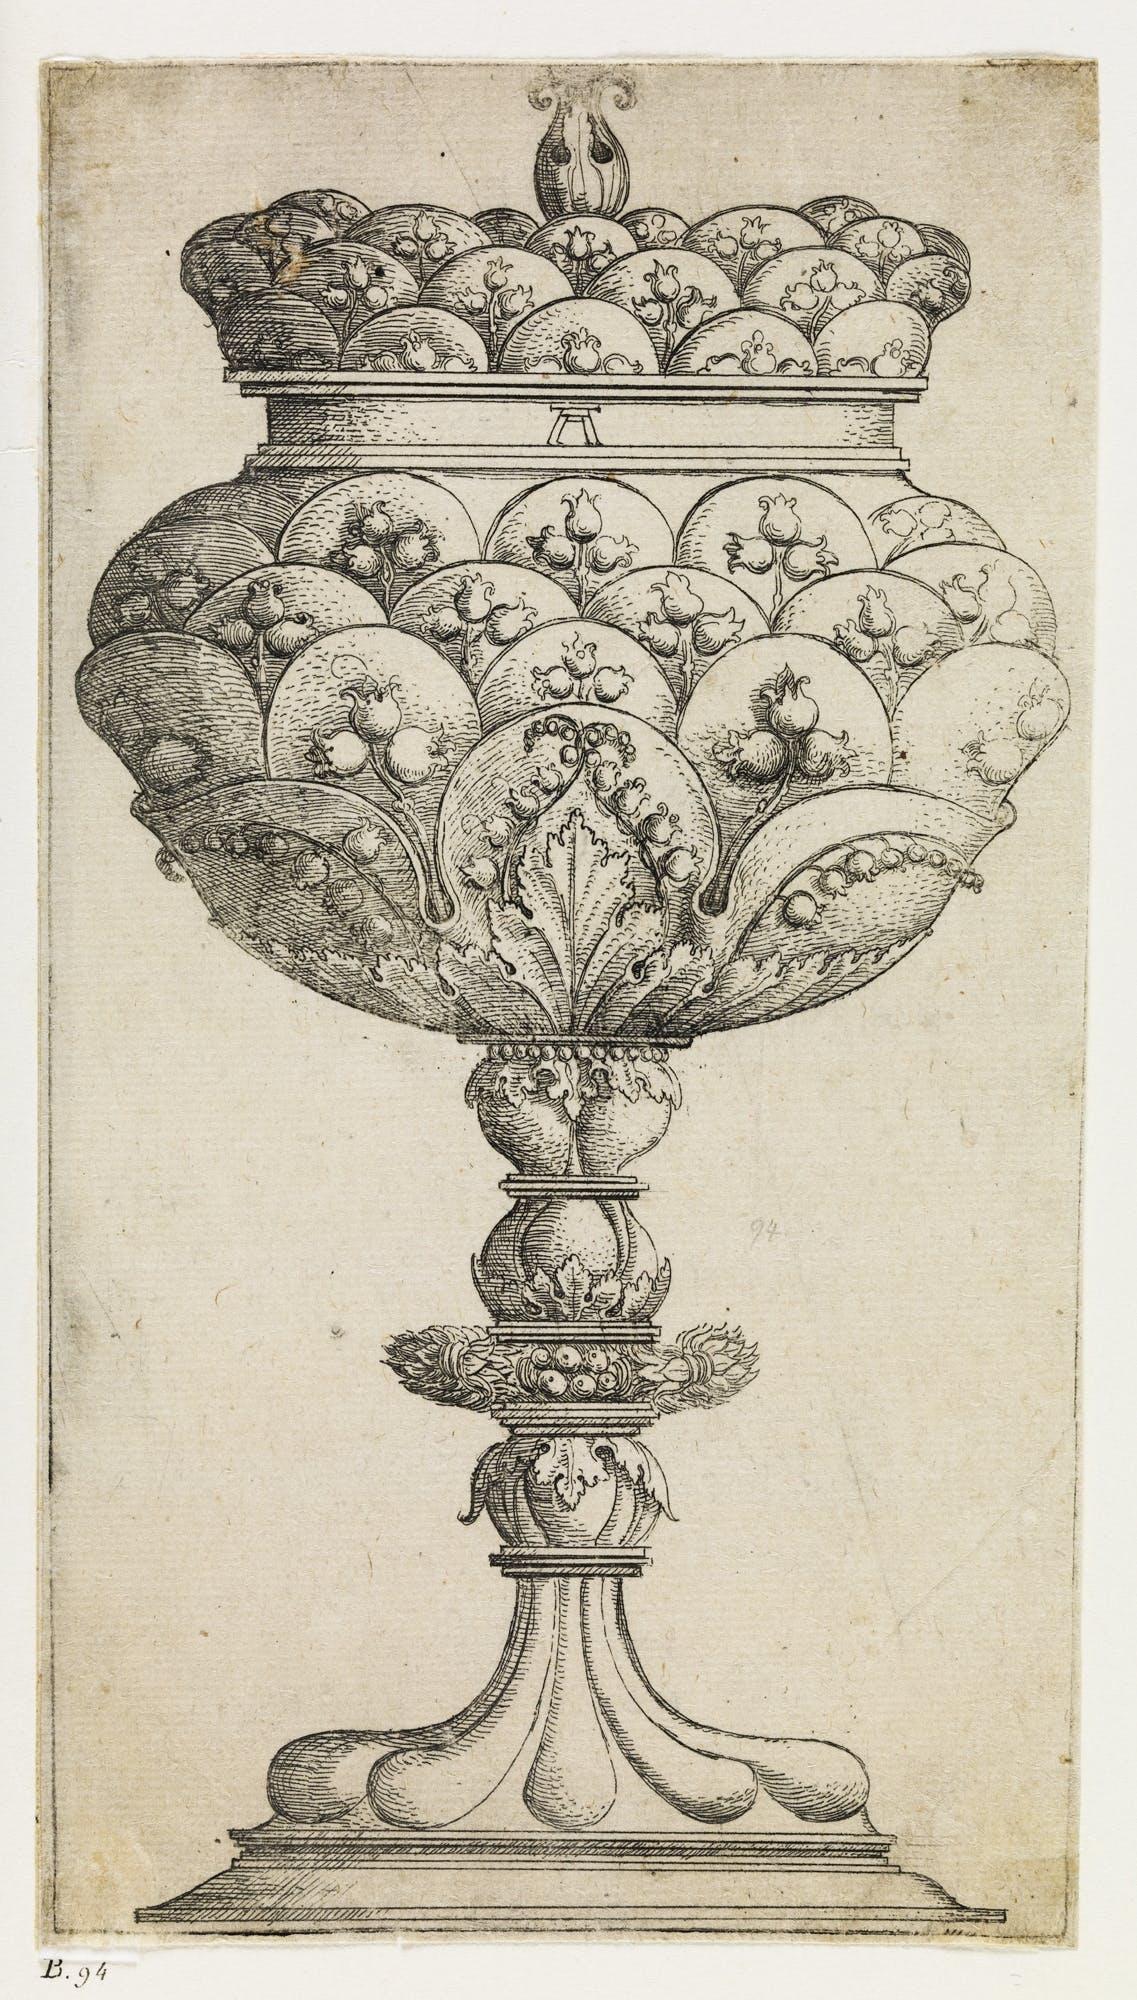 Gobelet aux fleurs de muguet (c. 1520-25), Albrecht Altdorfer.